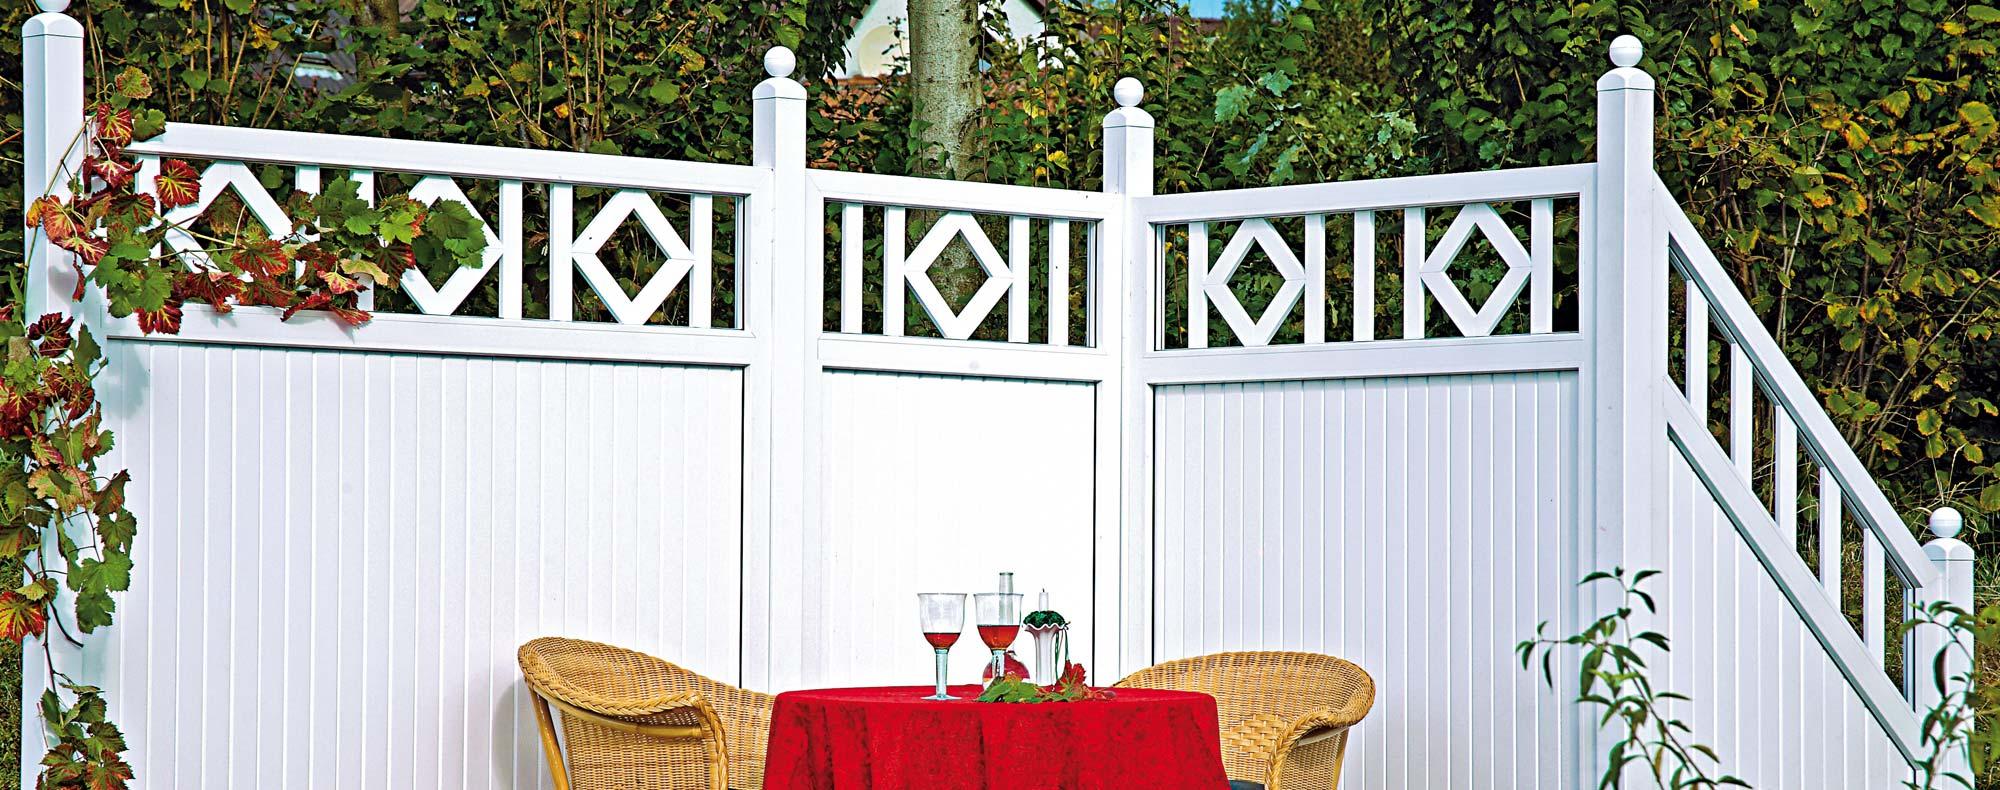 sichtschutz terrasse kunststoff verschiedene ideen f r die raumgestaltung. Black Bedroom Furniture Sets. Home Design Ideas